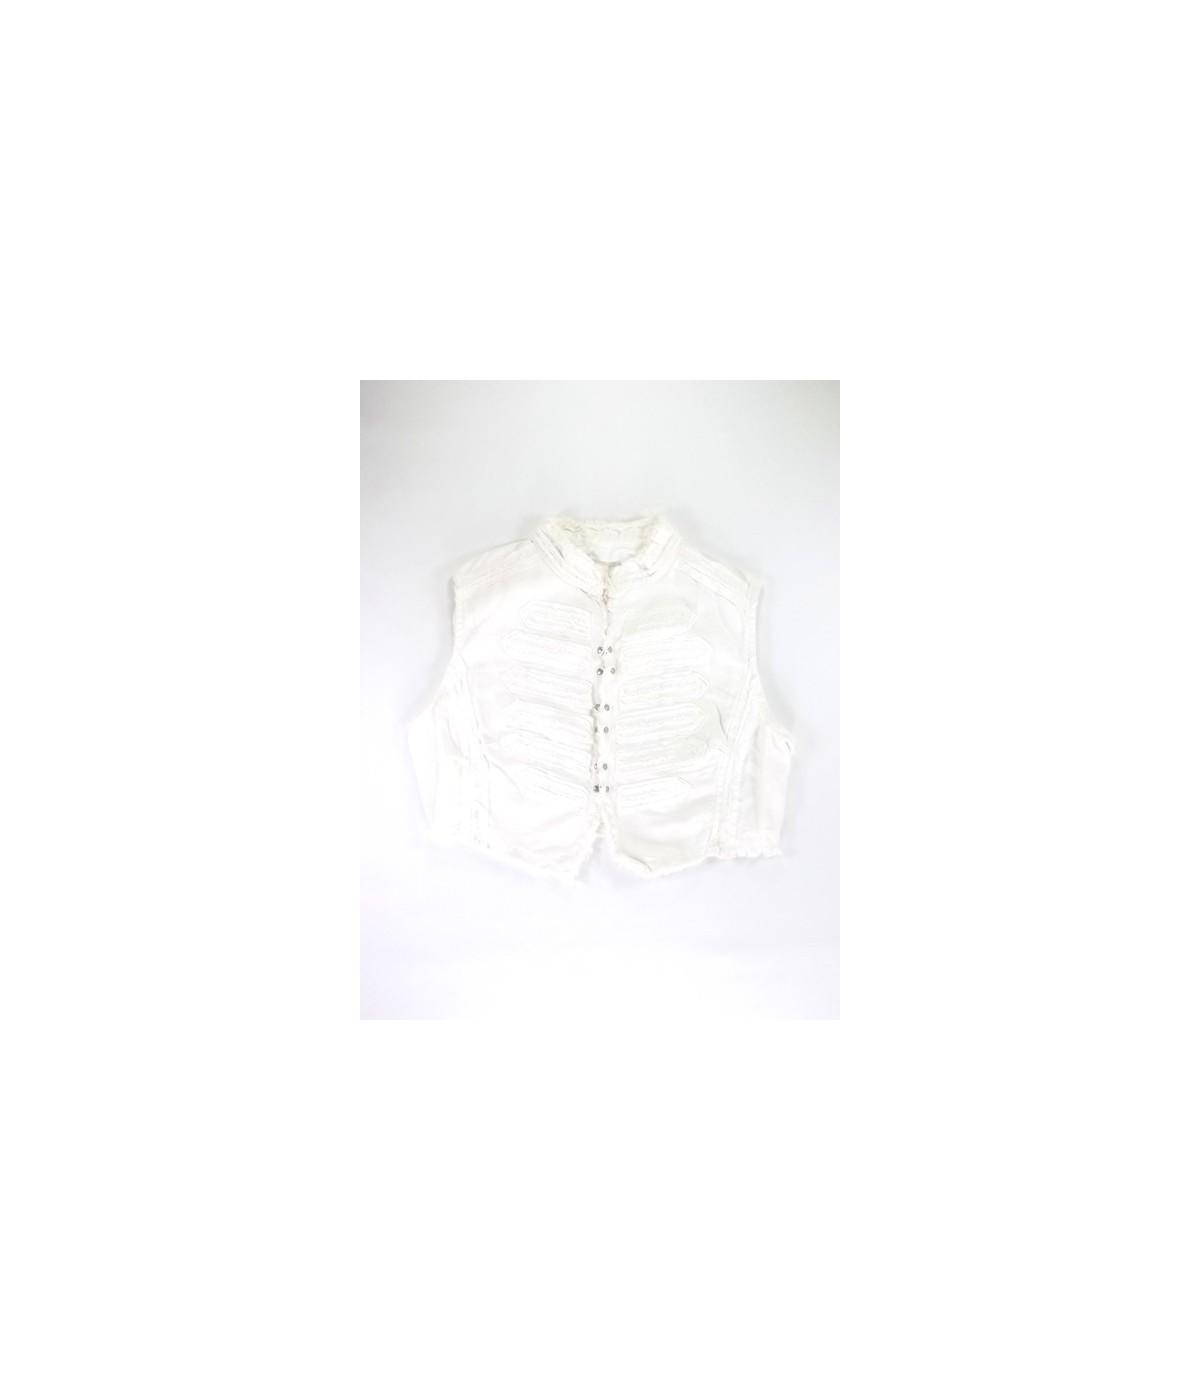 fec0e005de Fehér rojtos mellény (140). Loading zoom